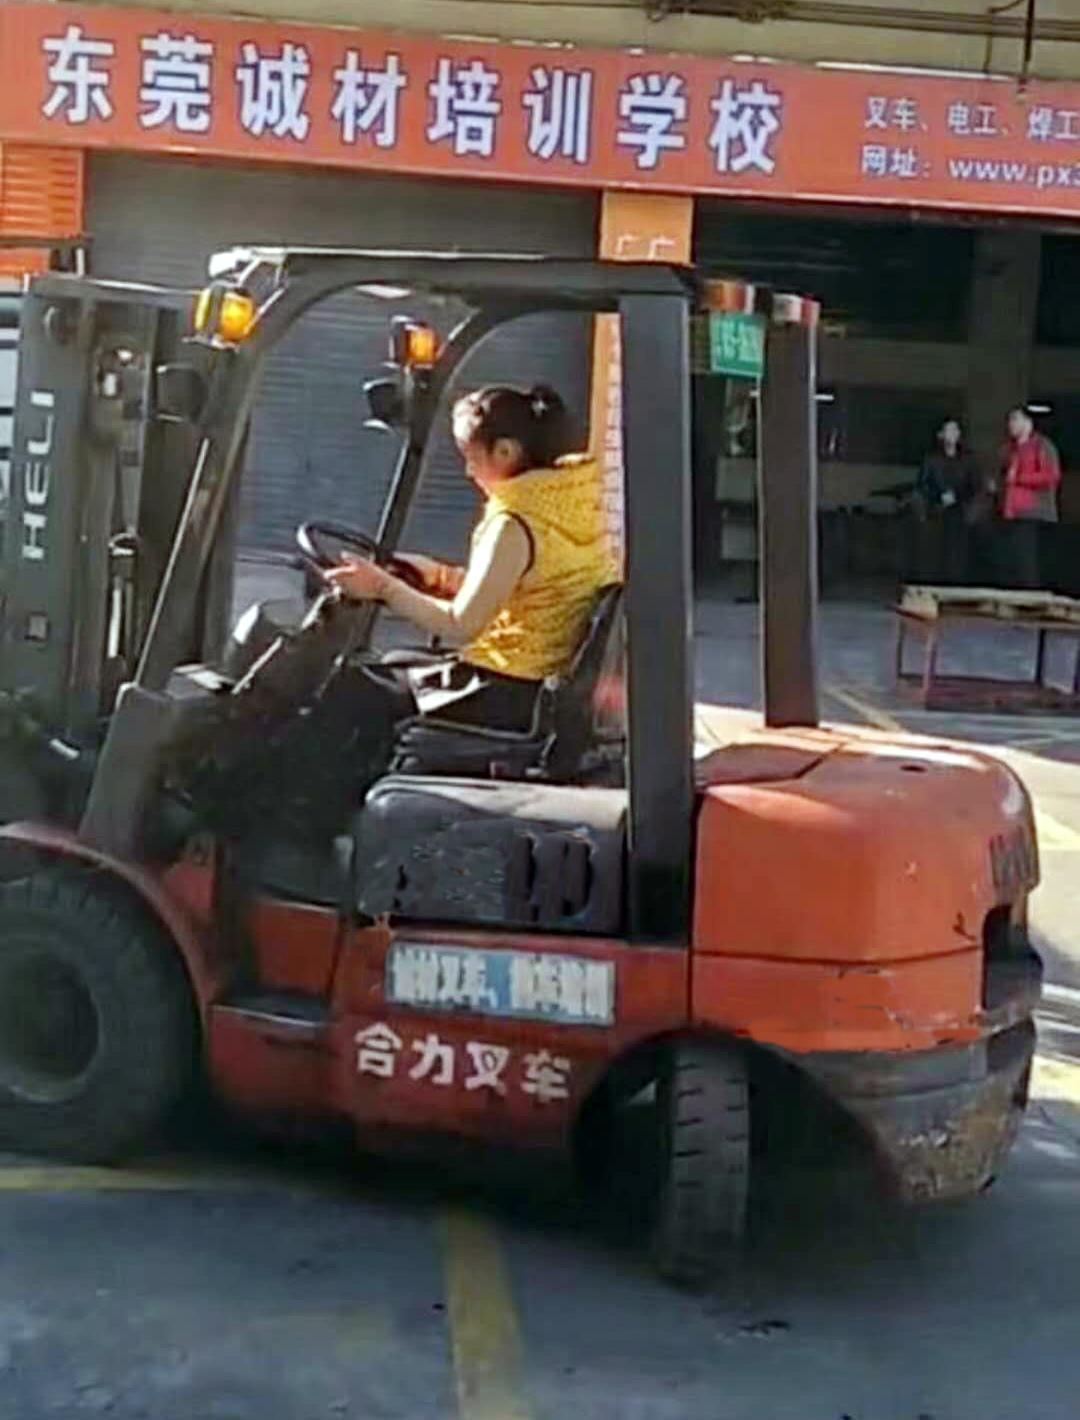 长安考叉车培训中心 诚材培训 申请 报名 正规的 关于 大型